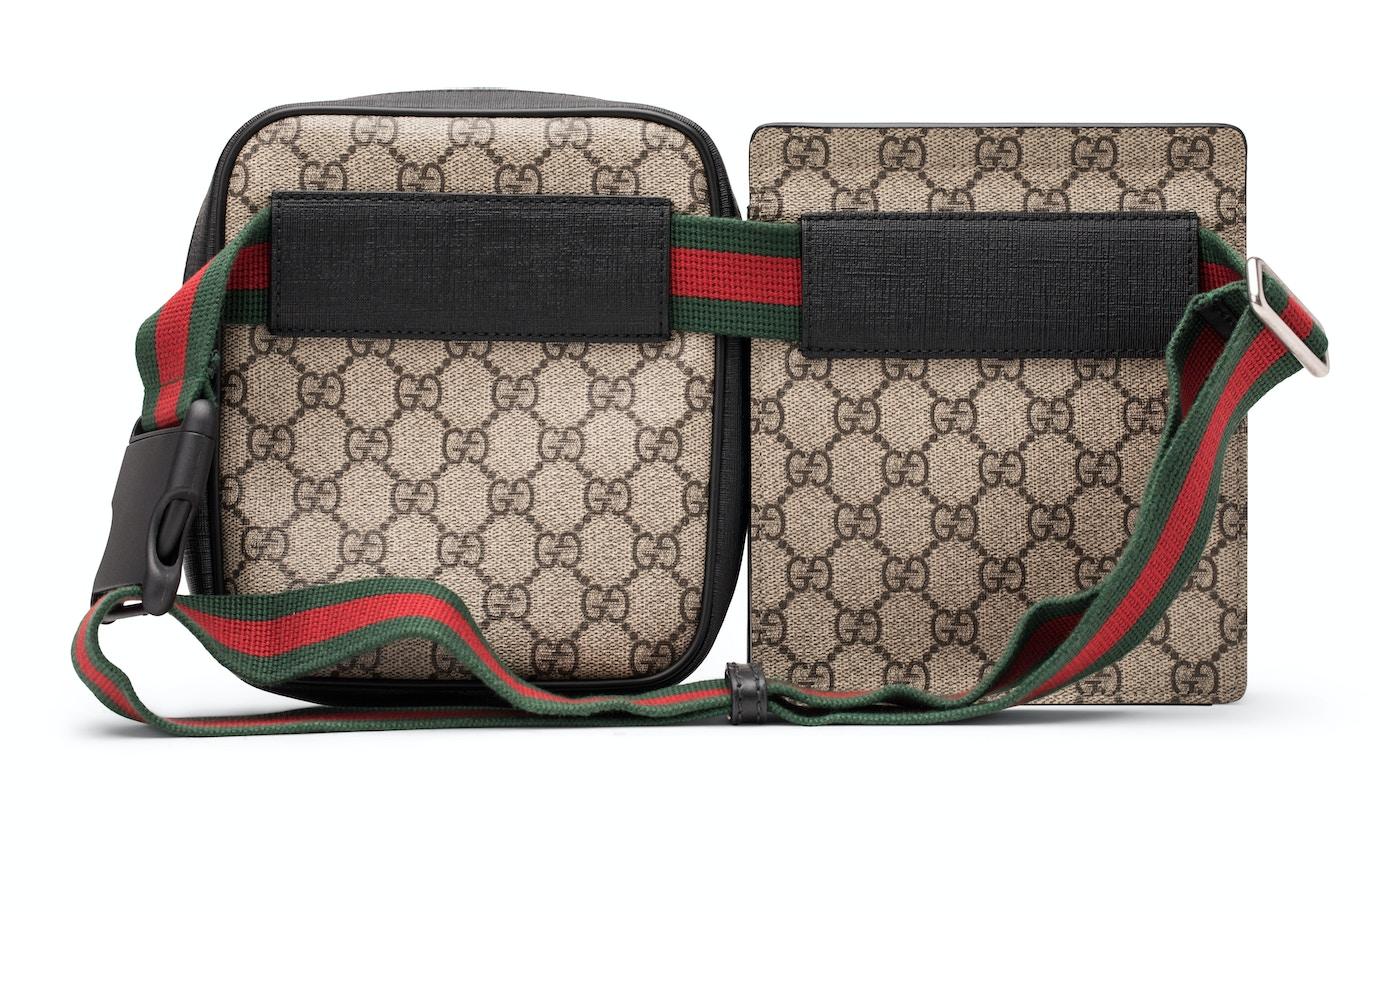 5d4234417 Gucci Belt Bag GG Supreme Web Waist Strap Black/Beige